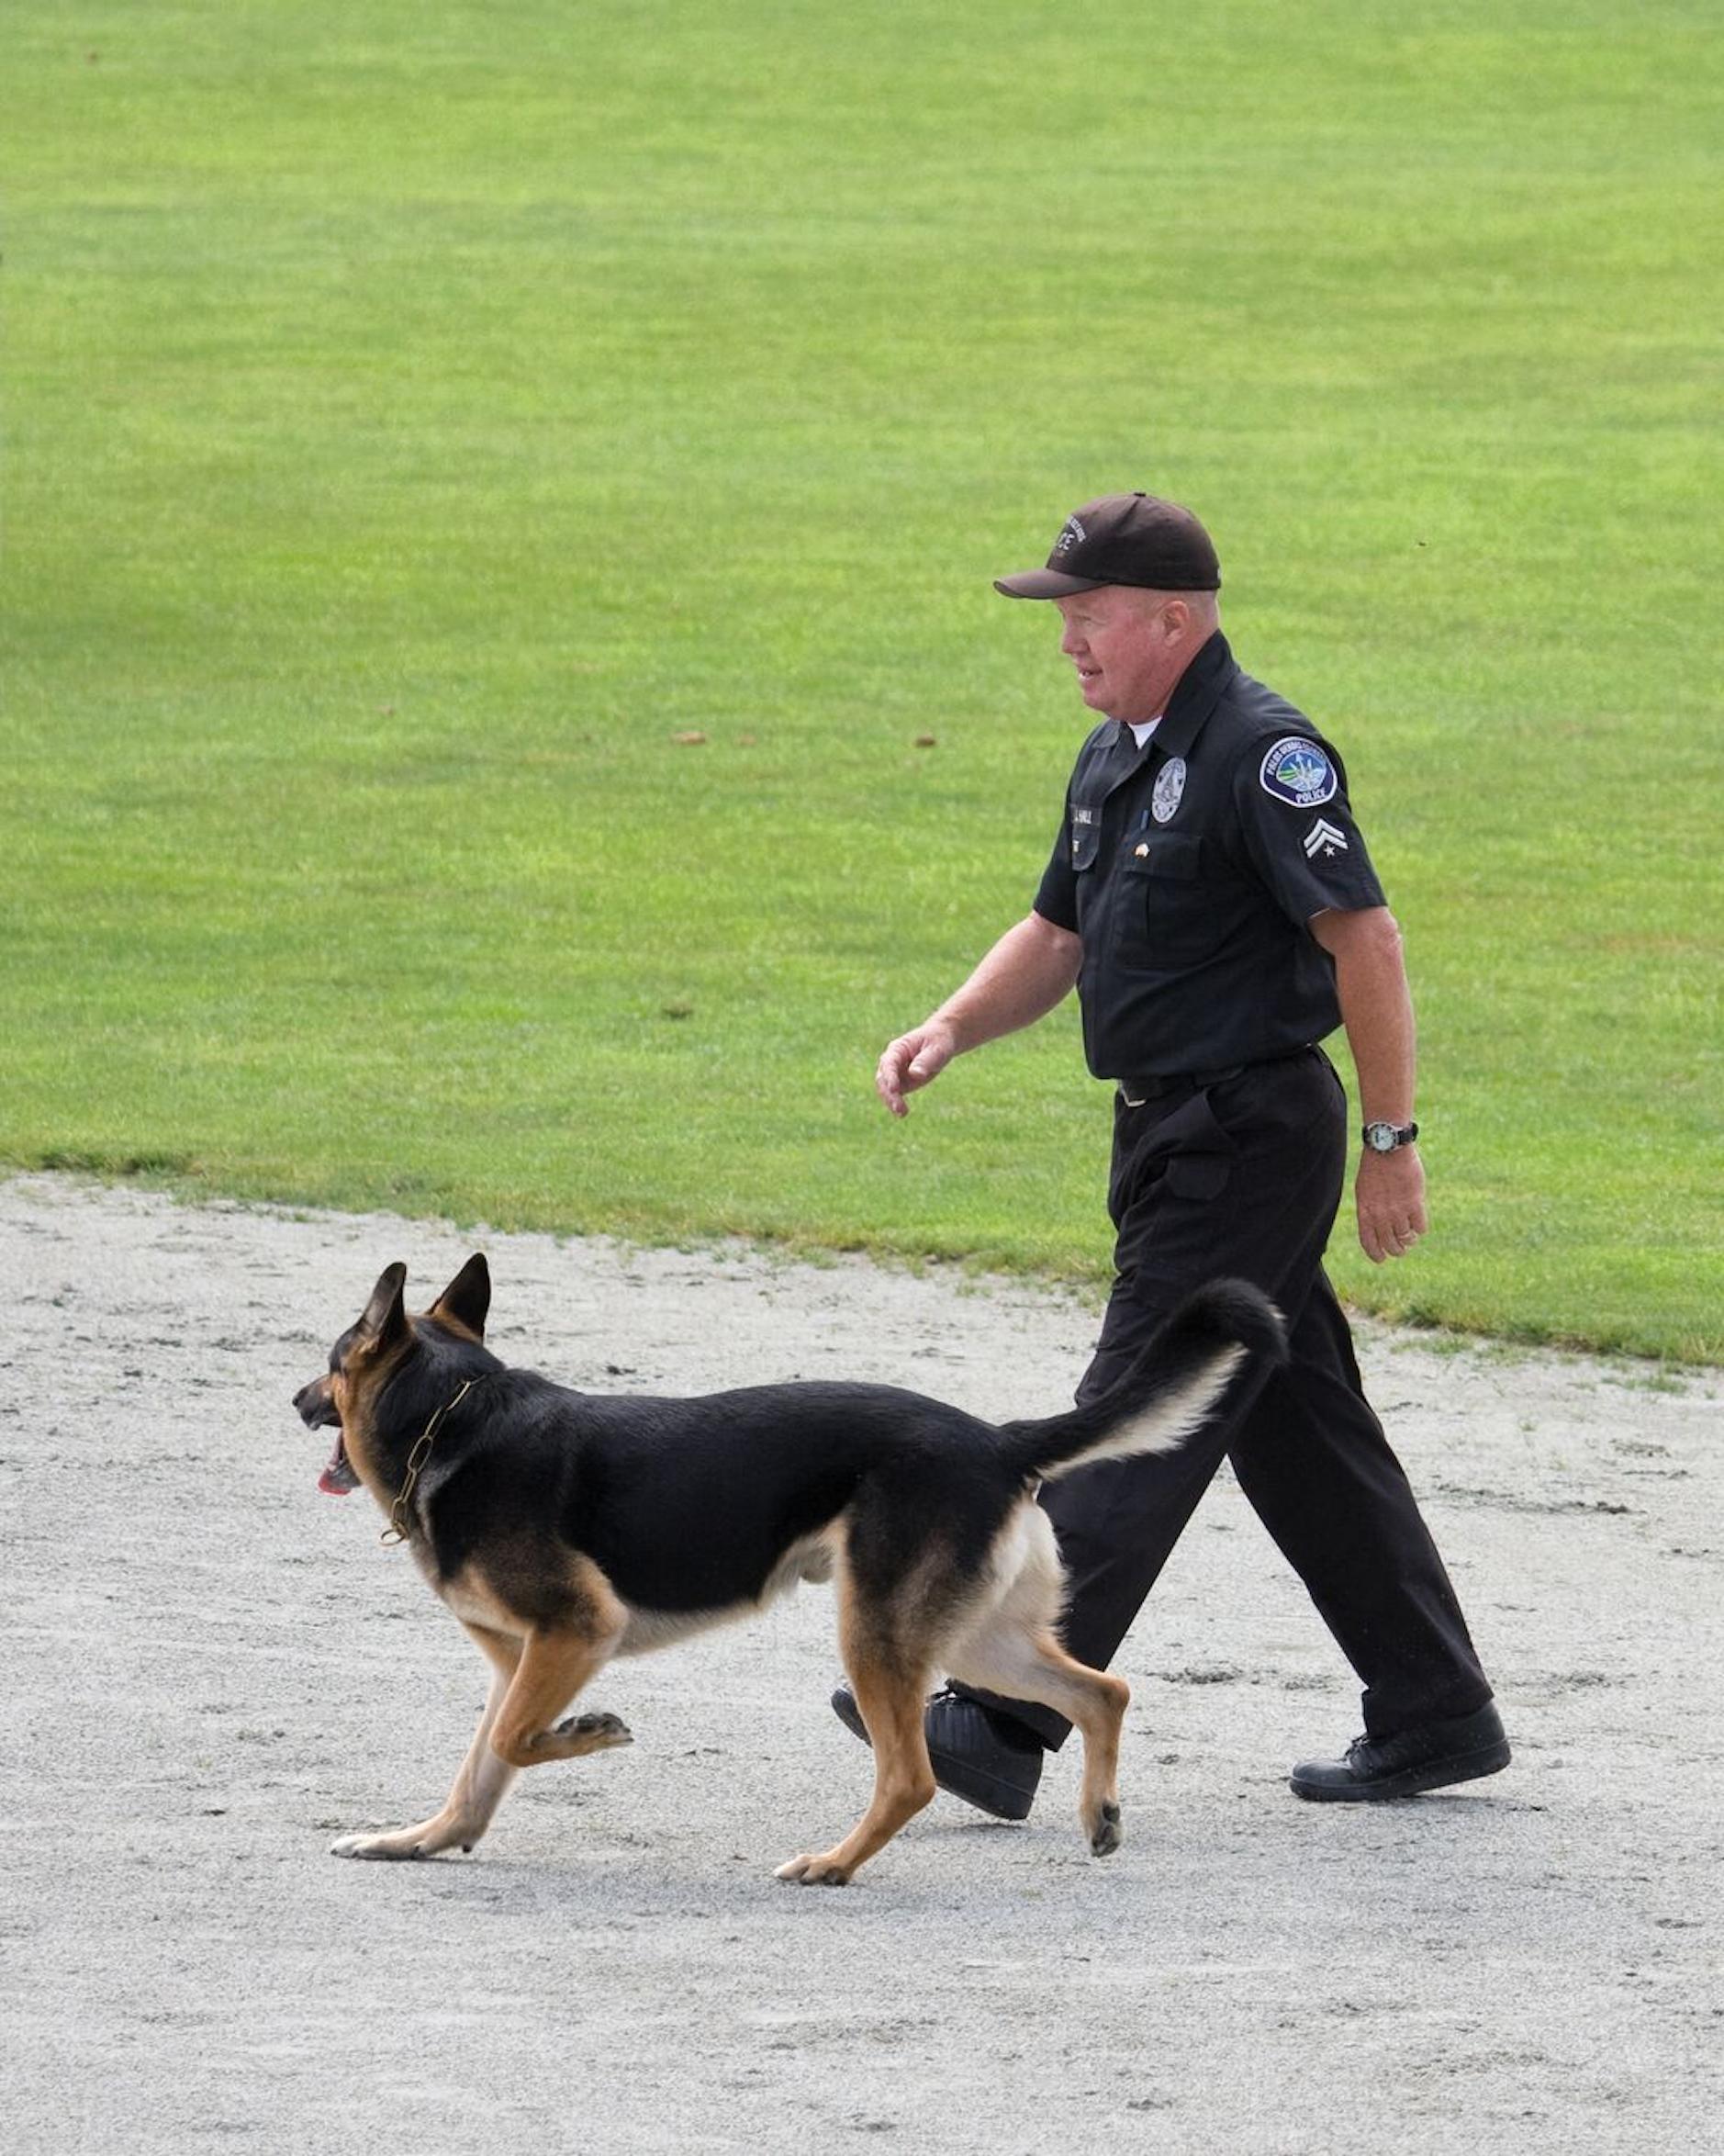 Polizeihunde führen Aktivitäten niedriger bis moderater Intensität über eine längere Dauer aus und sollten daher eine Nahrung mit verdaulichen Kohlenhydraten und Fett als Energiequellen erhalten.